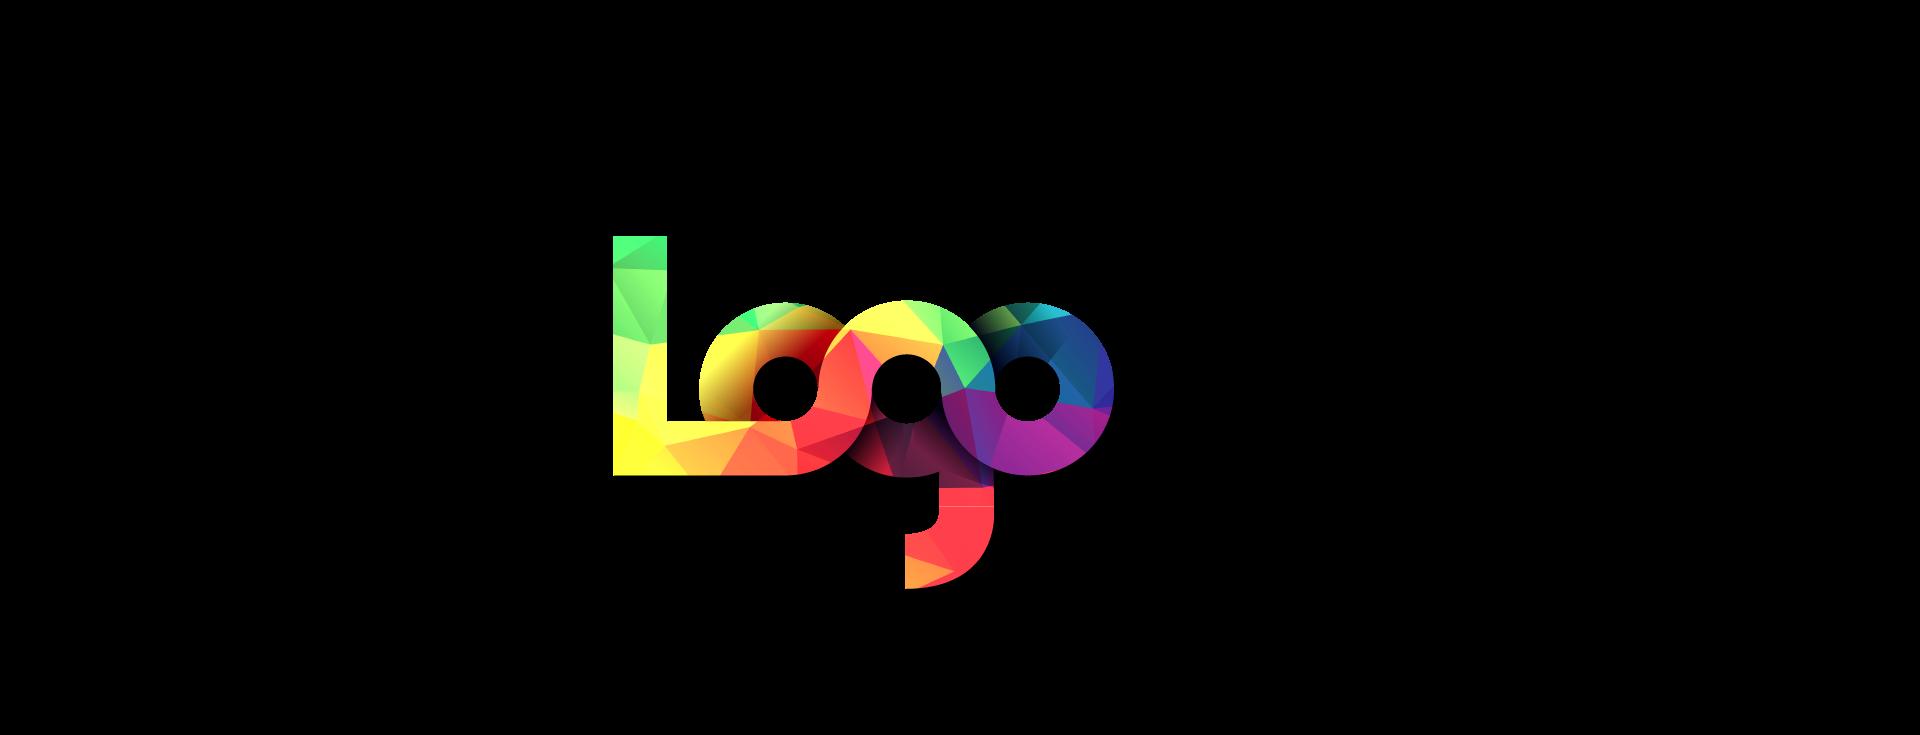 Советы по созданию логотипа для интернет-магазина